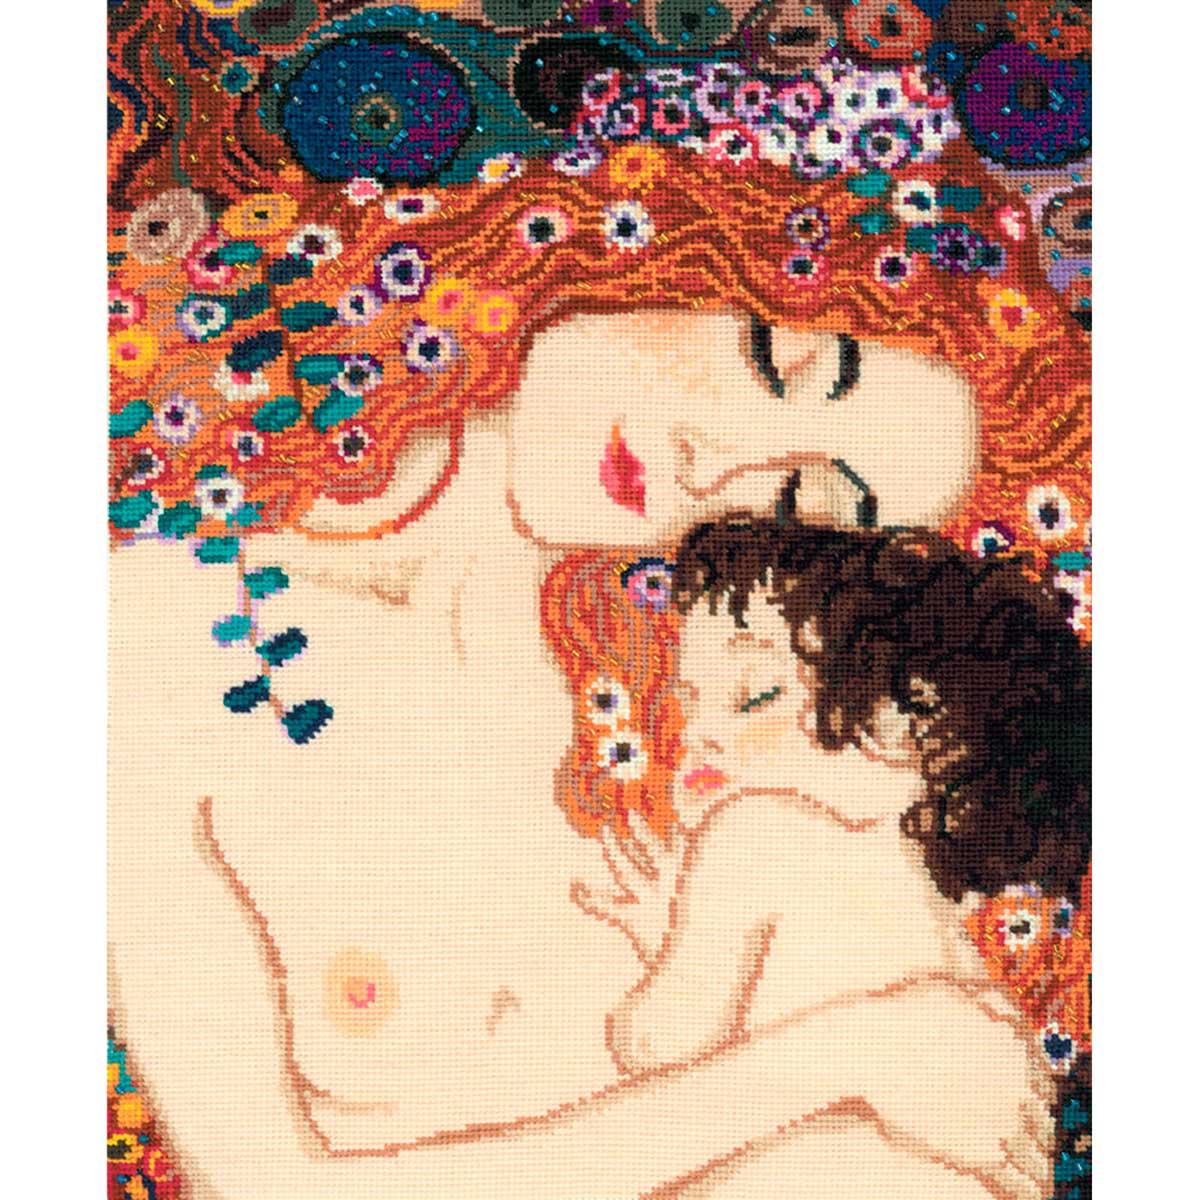 916 Набор для вышивания Riolis по мотивам картины Г. Климта 'Материнская любовь', 30*35 см